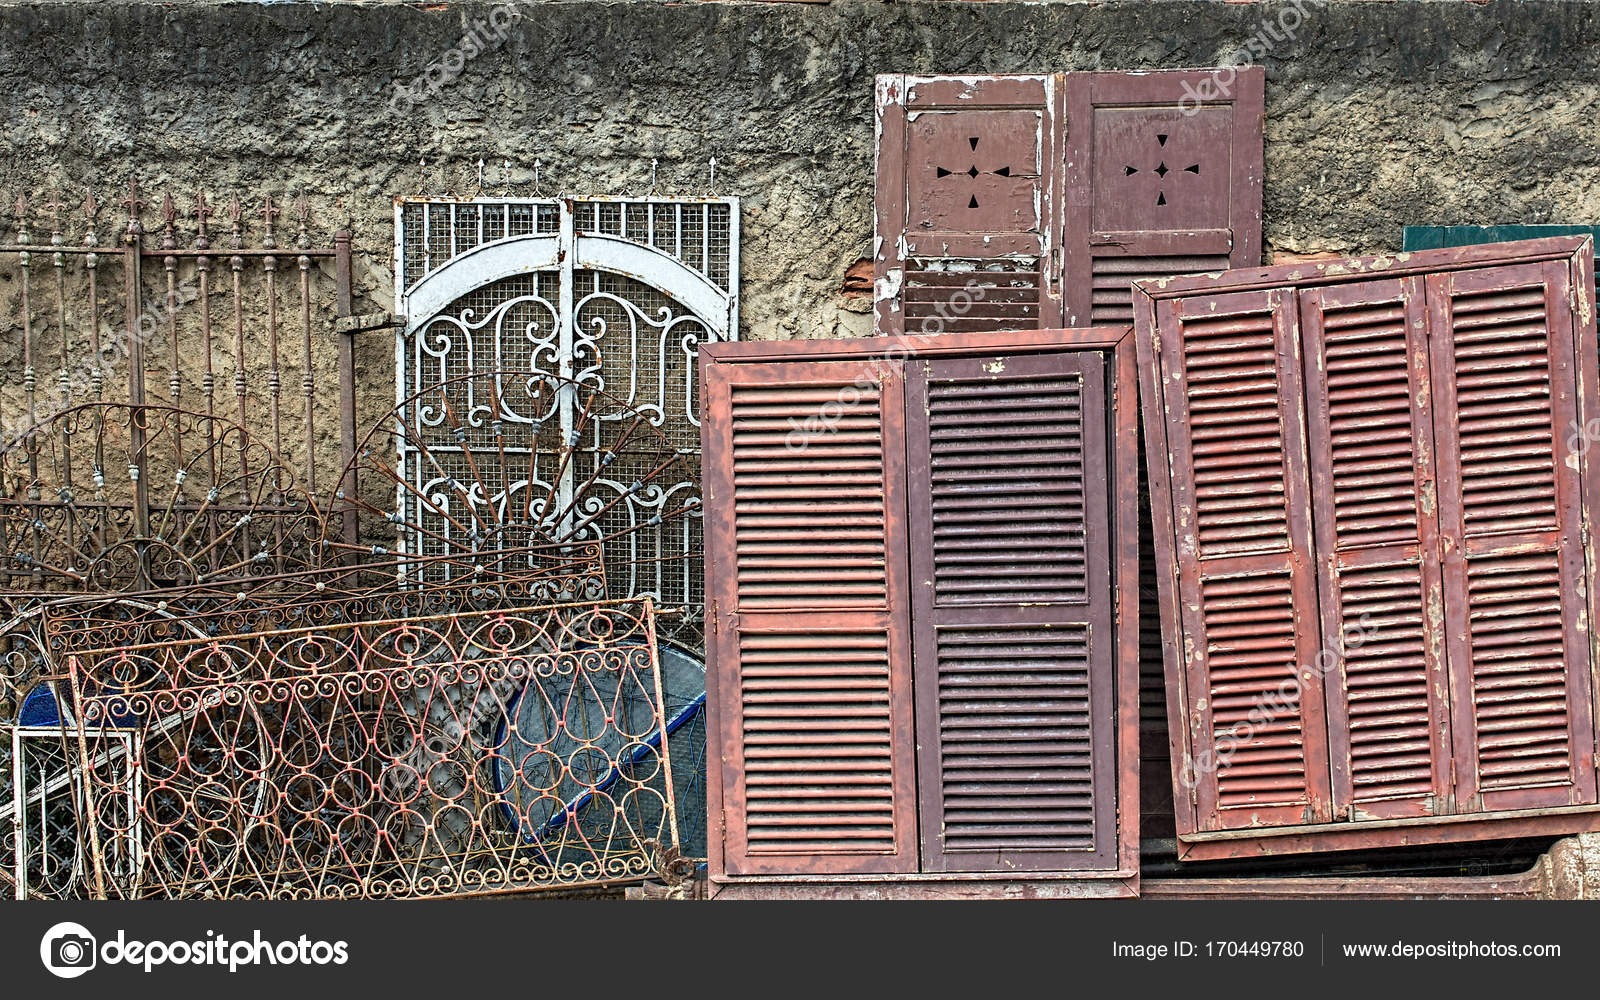 Cornici vecchie porte e finestre foto stock - Porte e finestre in legno usate ...